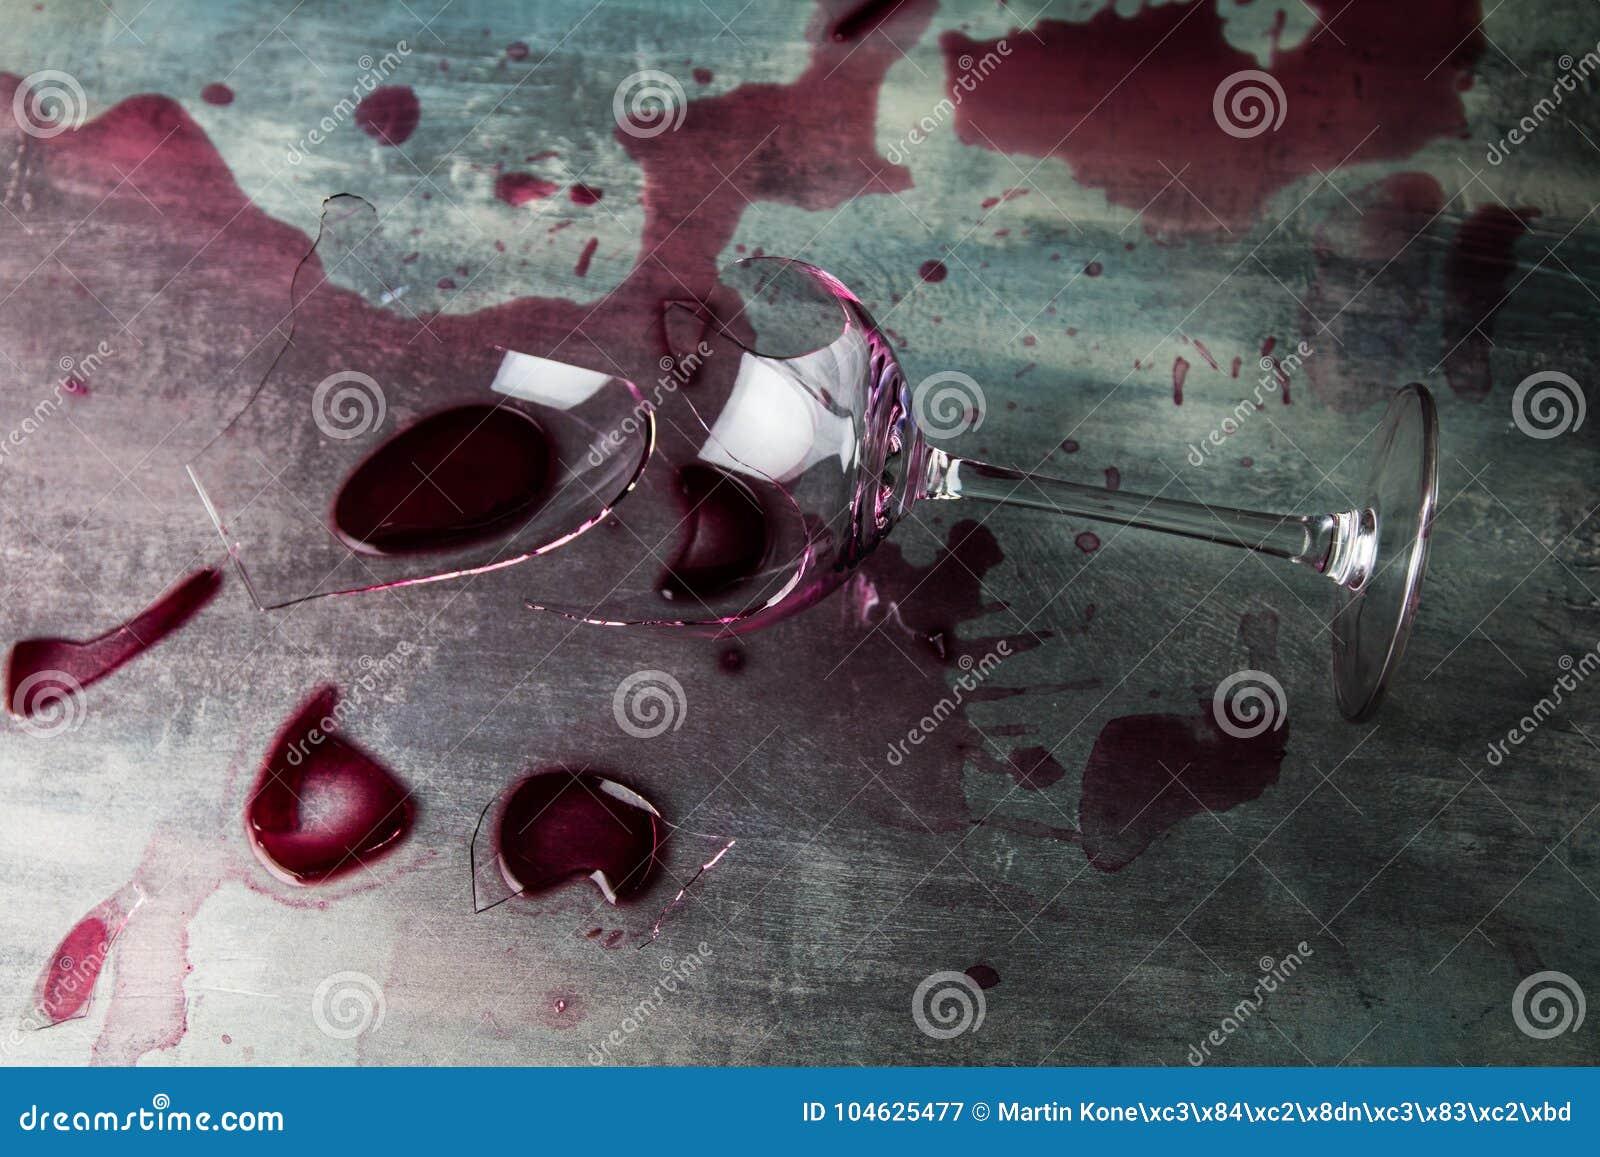 Download De Verbrijzeling Van Het Wijnglas Stock Afbeelding - Afbeelding bestaande uit onderbreking, verpletterd: 104625477